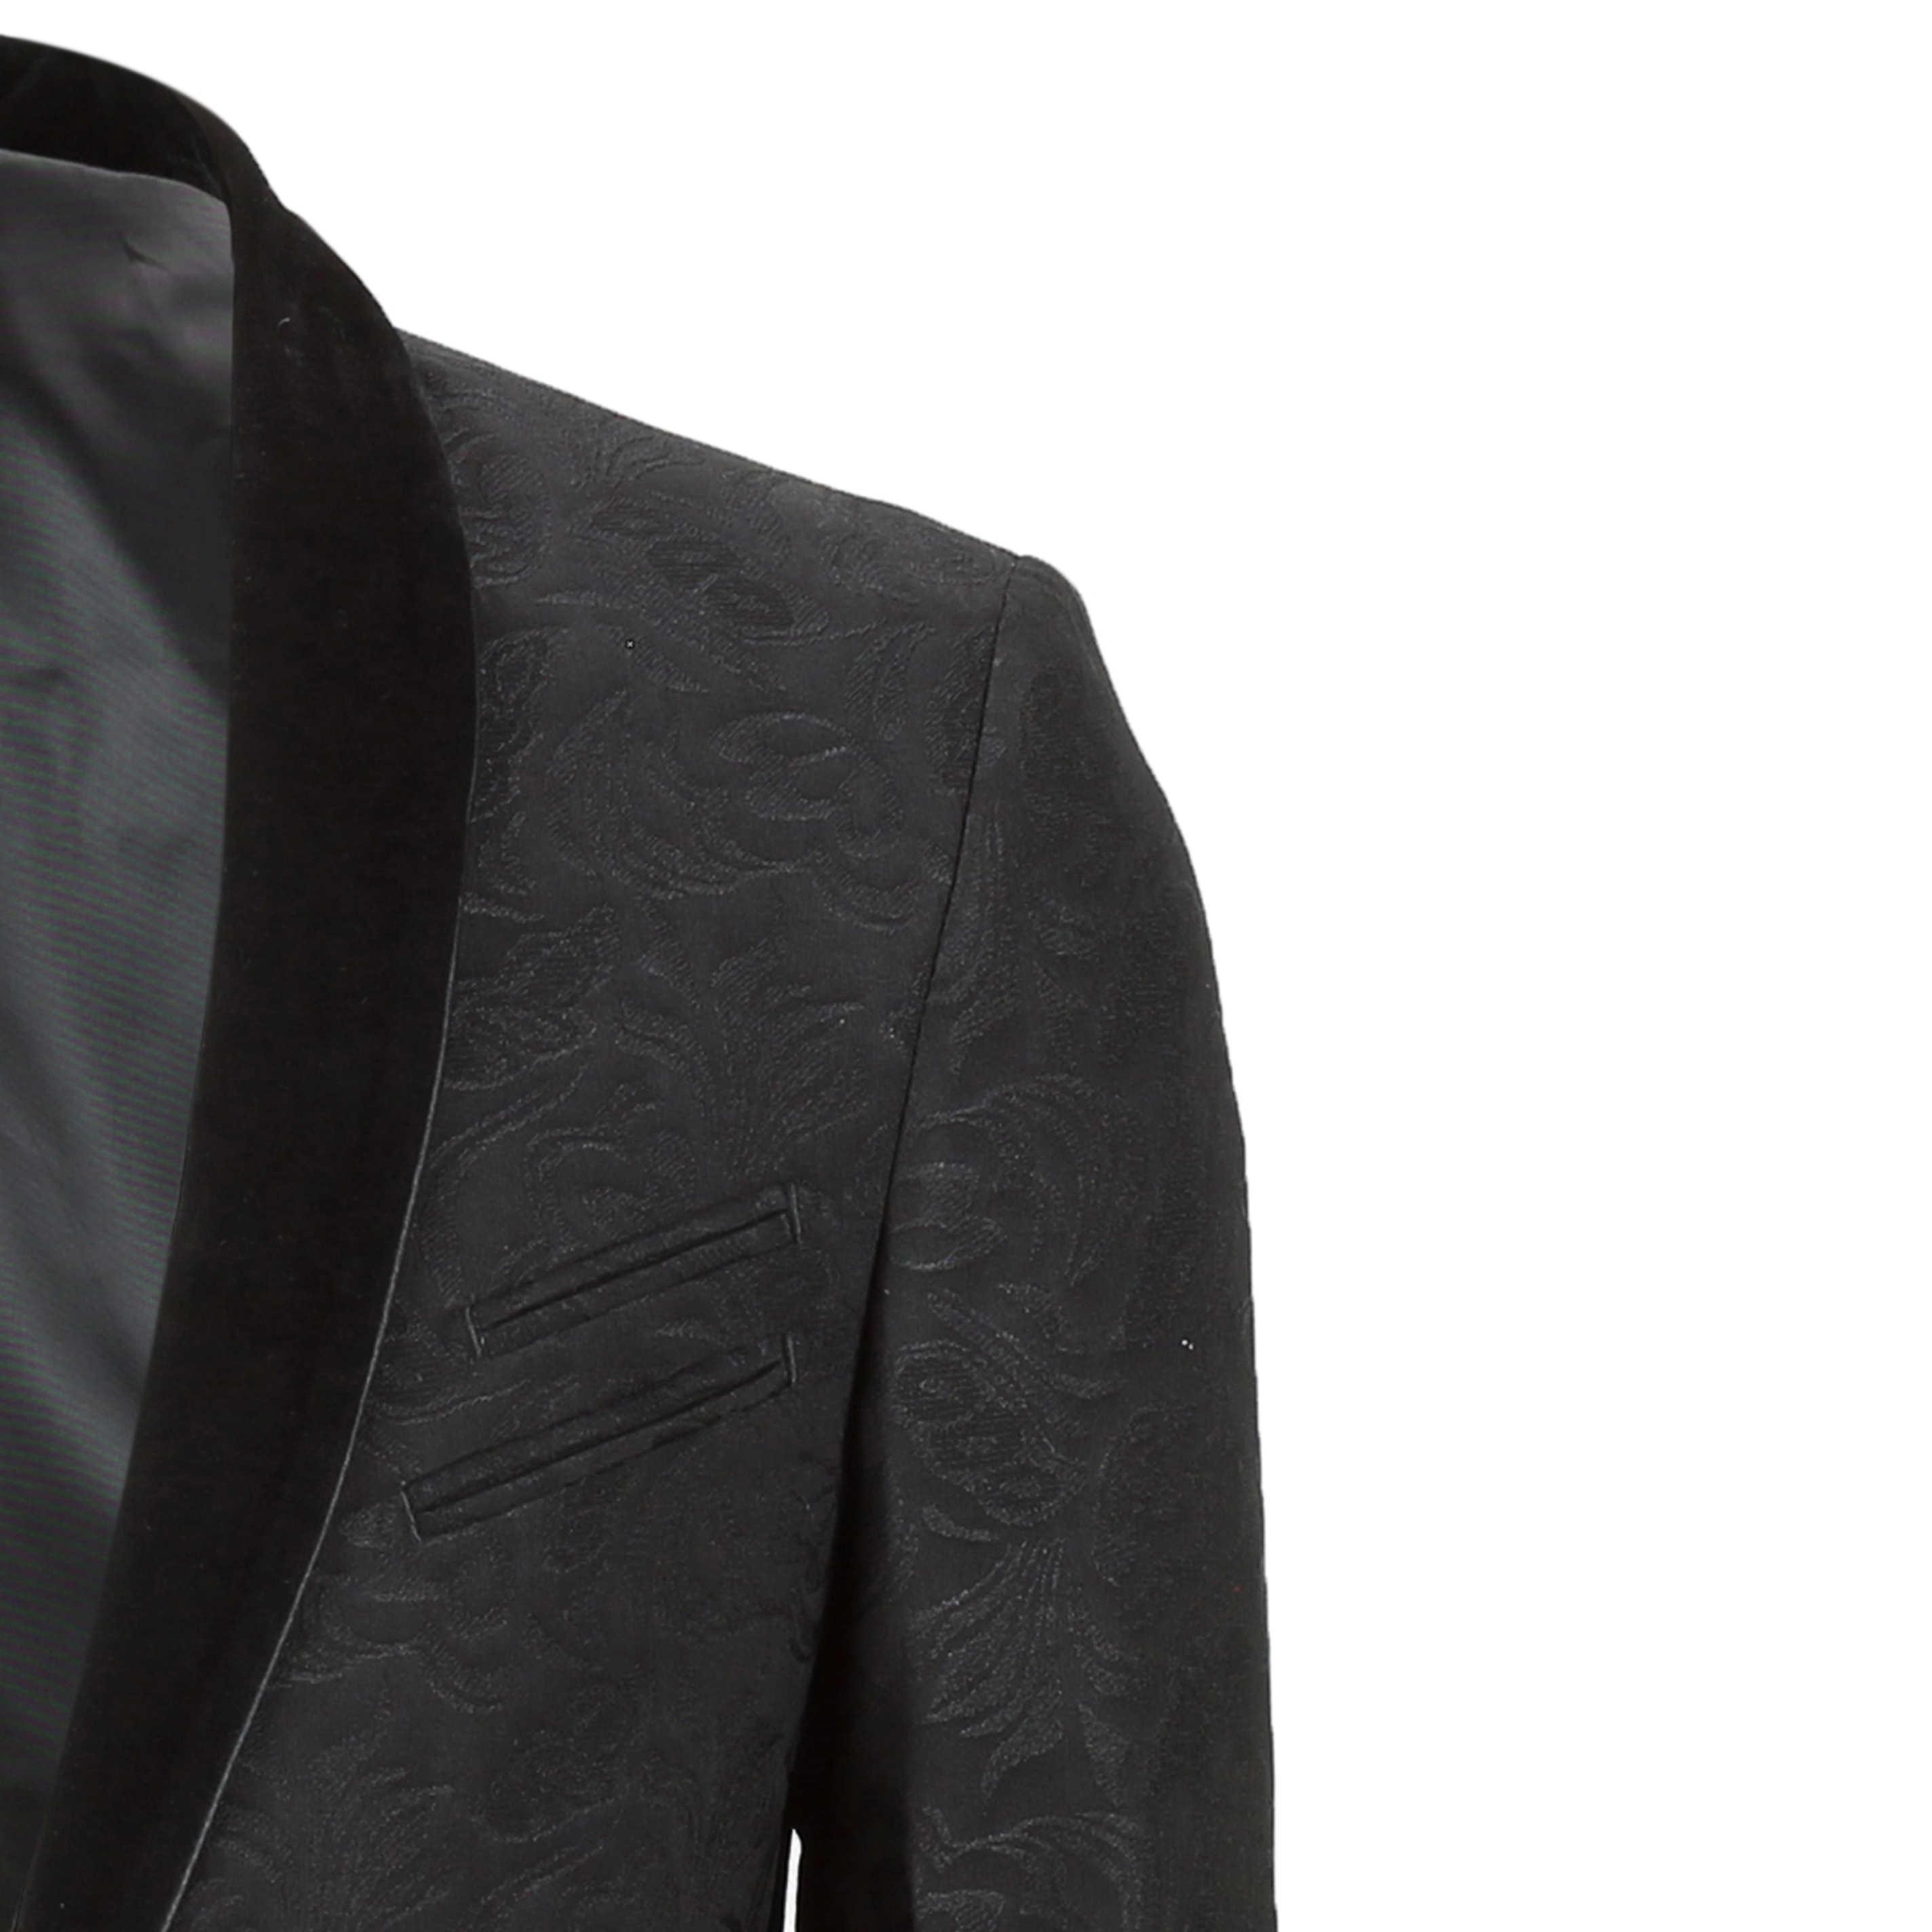 Mens-Vintage-Jacquard-Floral-Print-Tuxedo-Suit-Jacket-Black-Velvet-Shawl-Lapel thumbnail 3